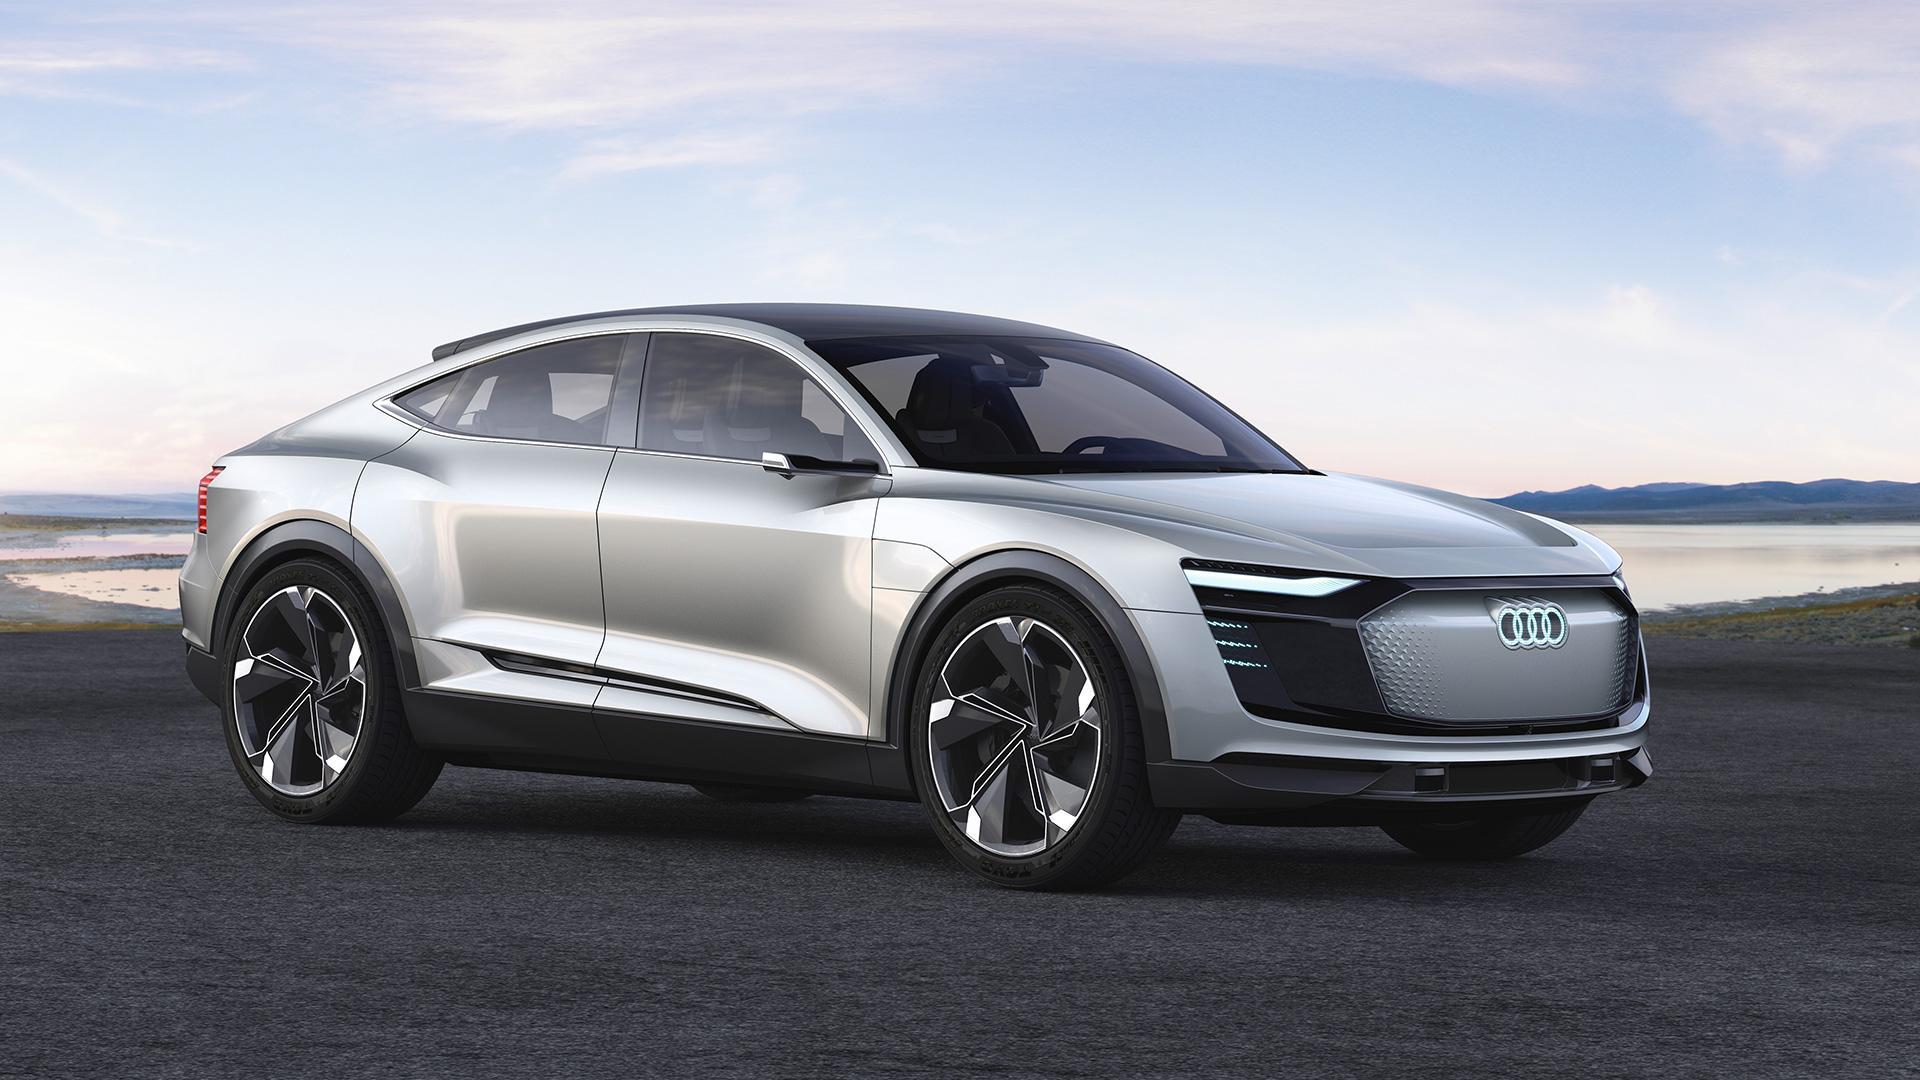 Ауди  к 2025  выпустит 12 навсе 100%  электрических моделей